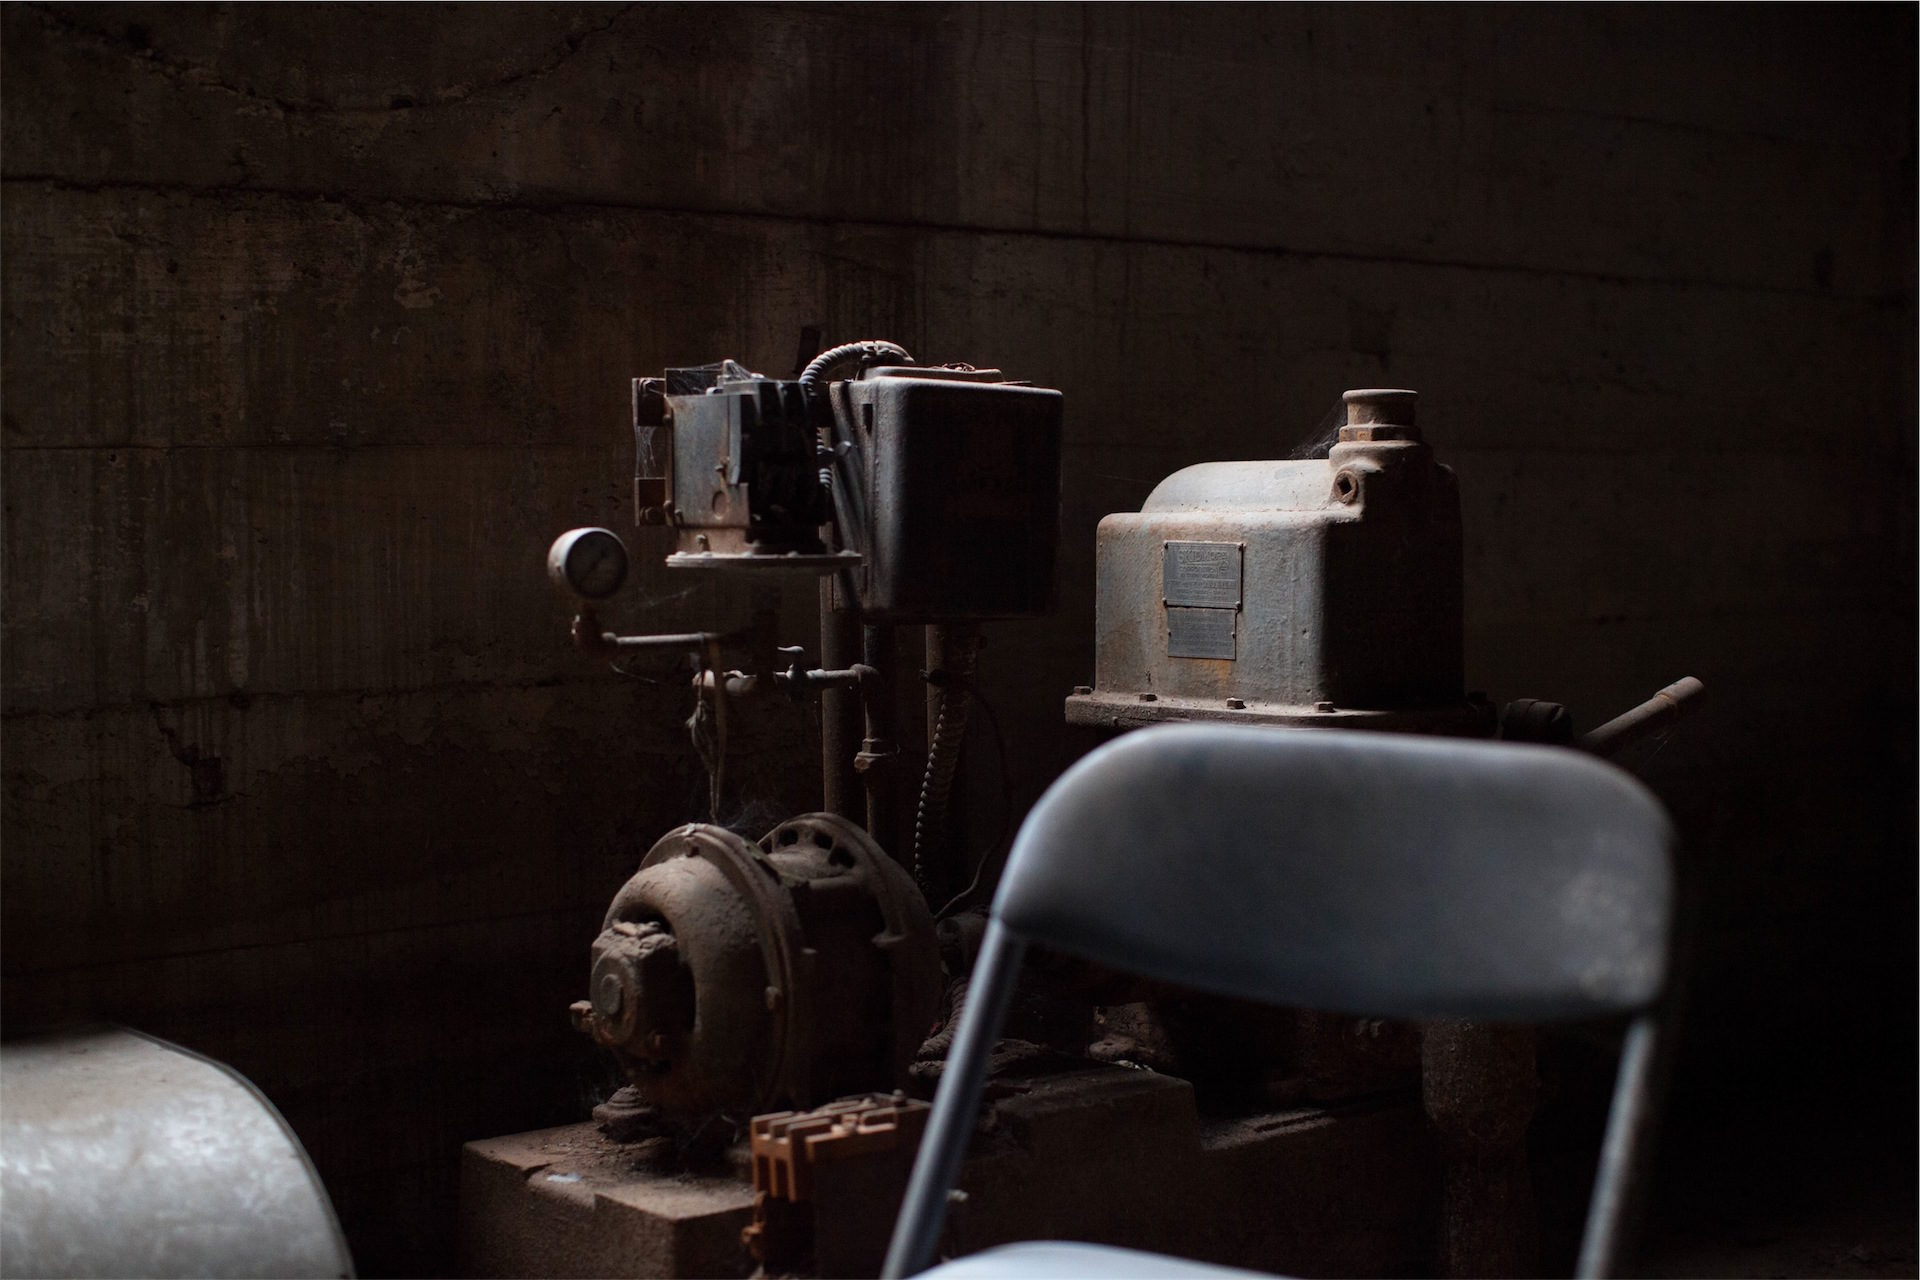 двигатель, клапаны, порошок, antiguo, Старый - Обои HD - Профессор falken.com